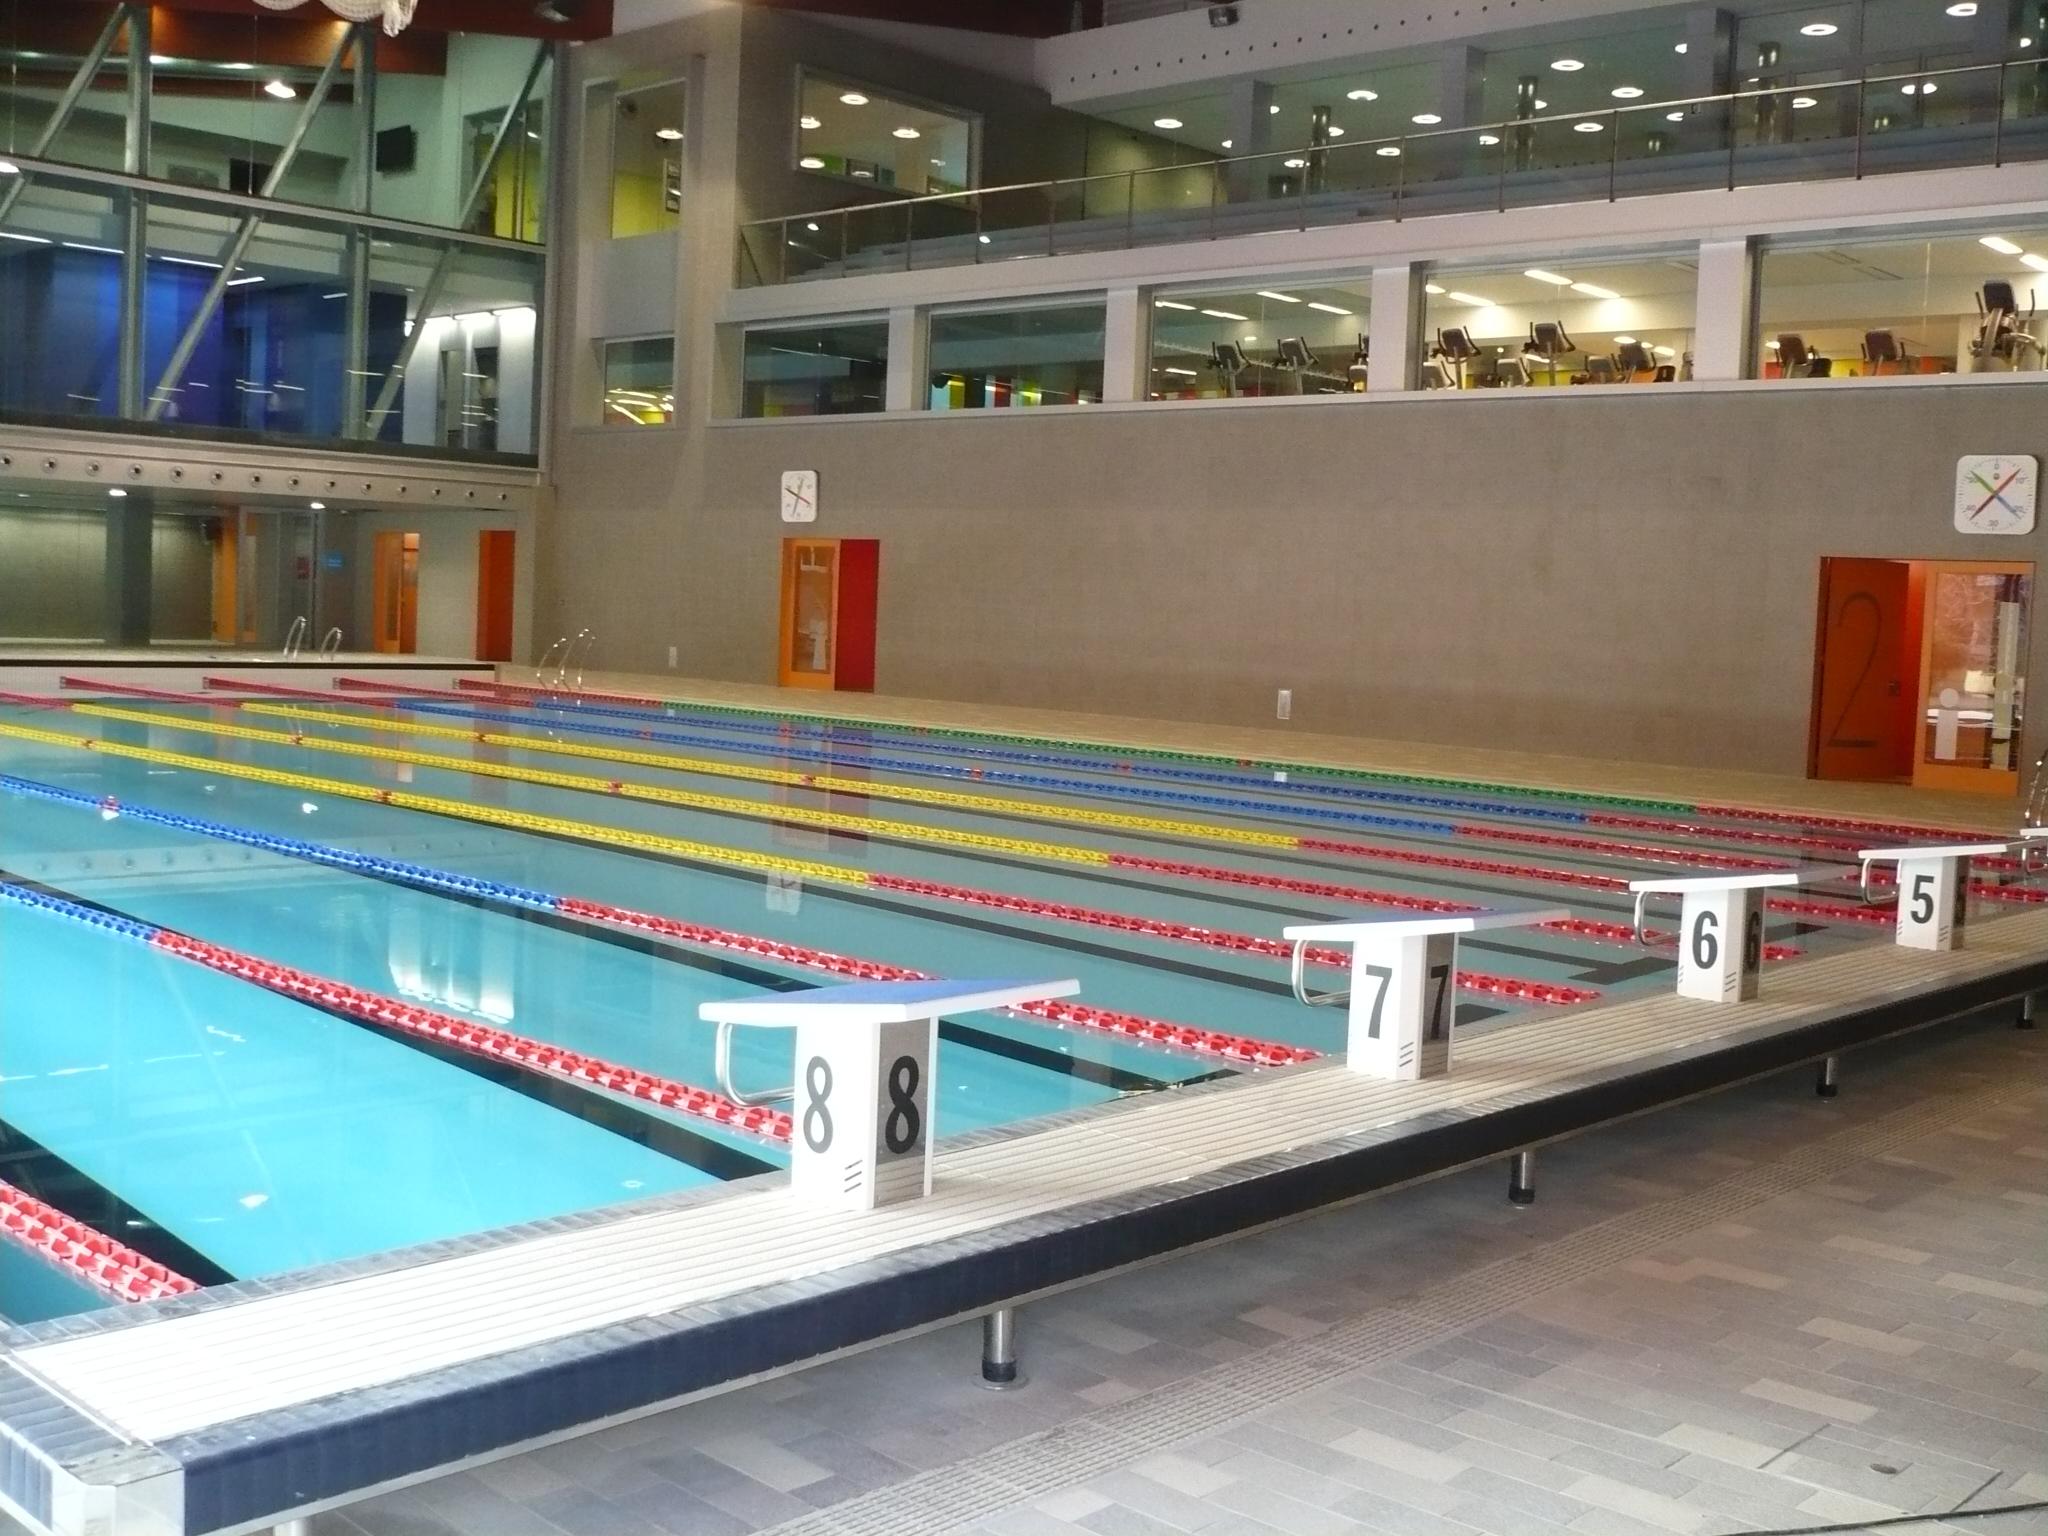 Piscinas interiores piscinas instalaciones cn catalunya for Instalaciones de albercas pdf